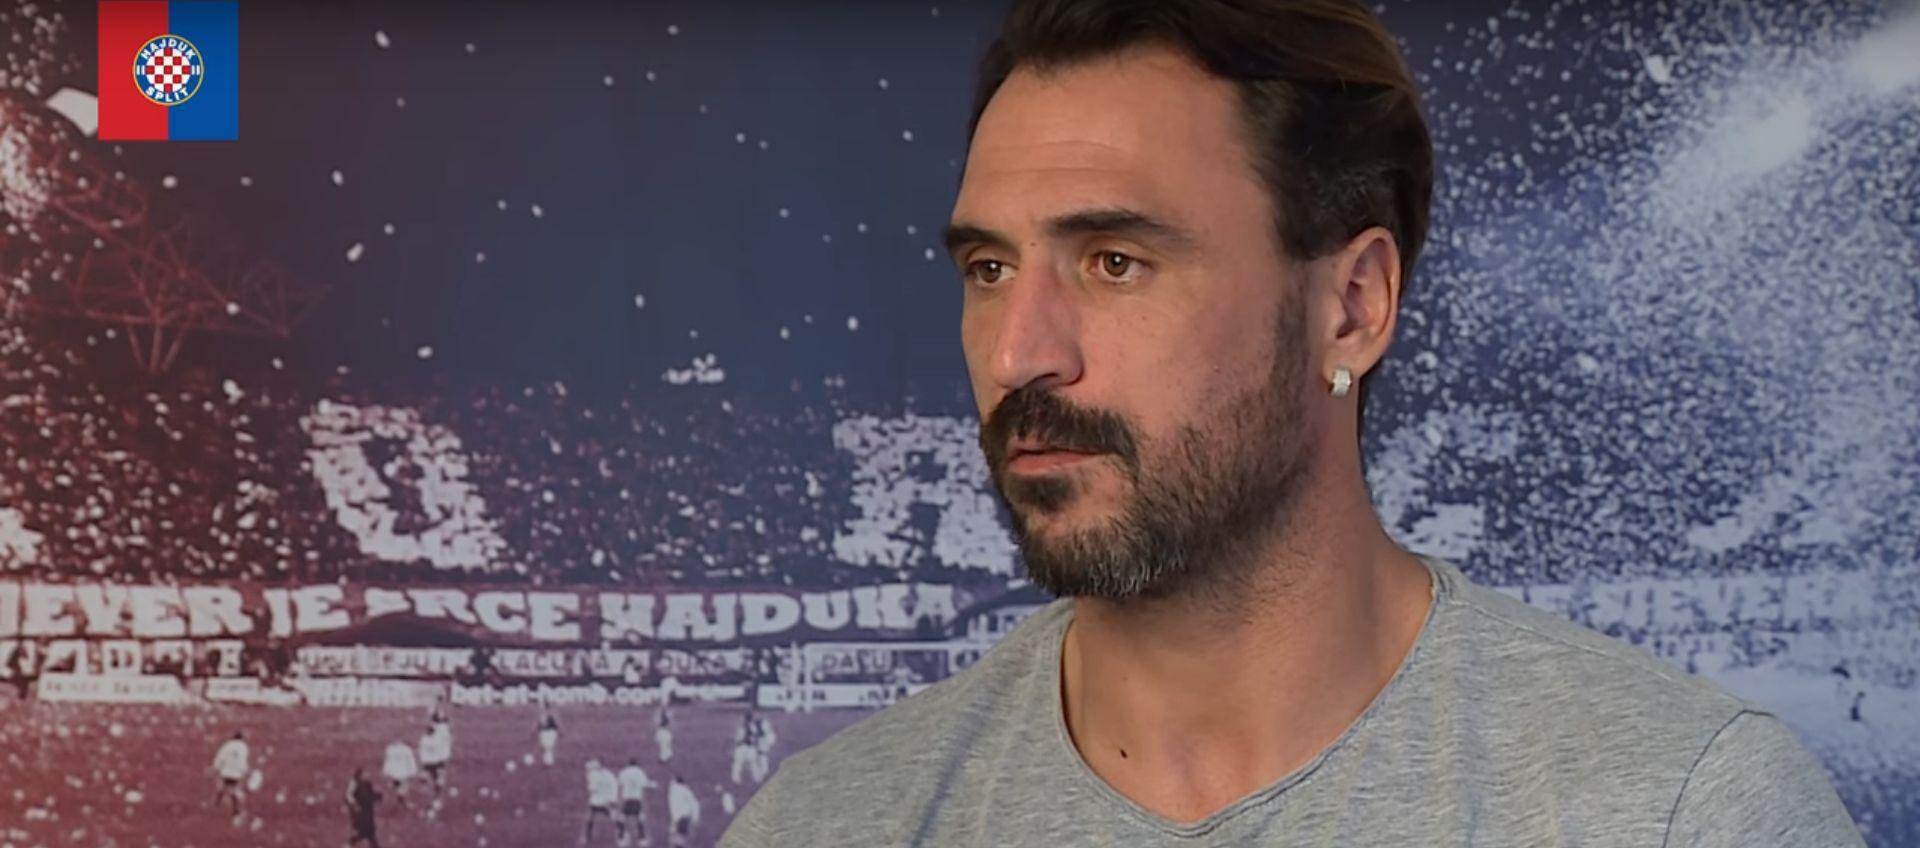 """VIDEO: PREMIERA ALMEIDE U NEDJELJU """"Znam da je Hajduk ovdje religija"""""""